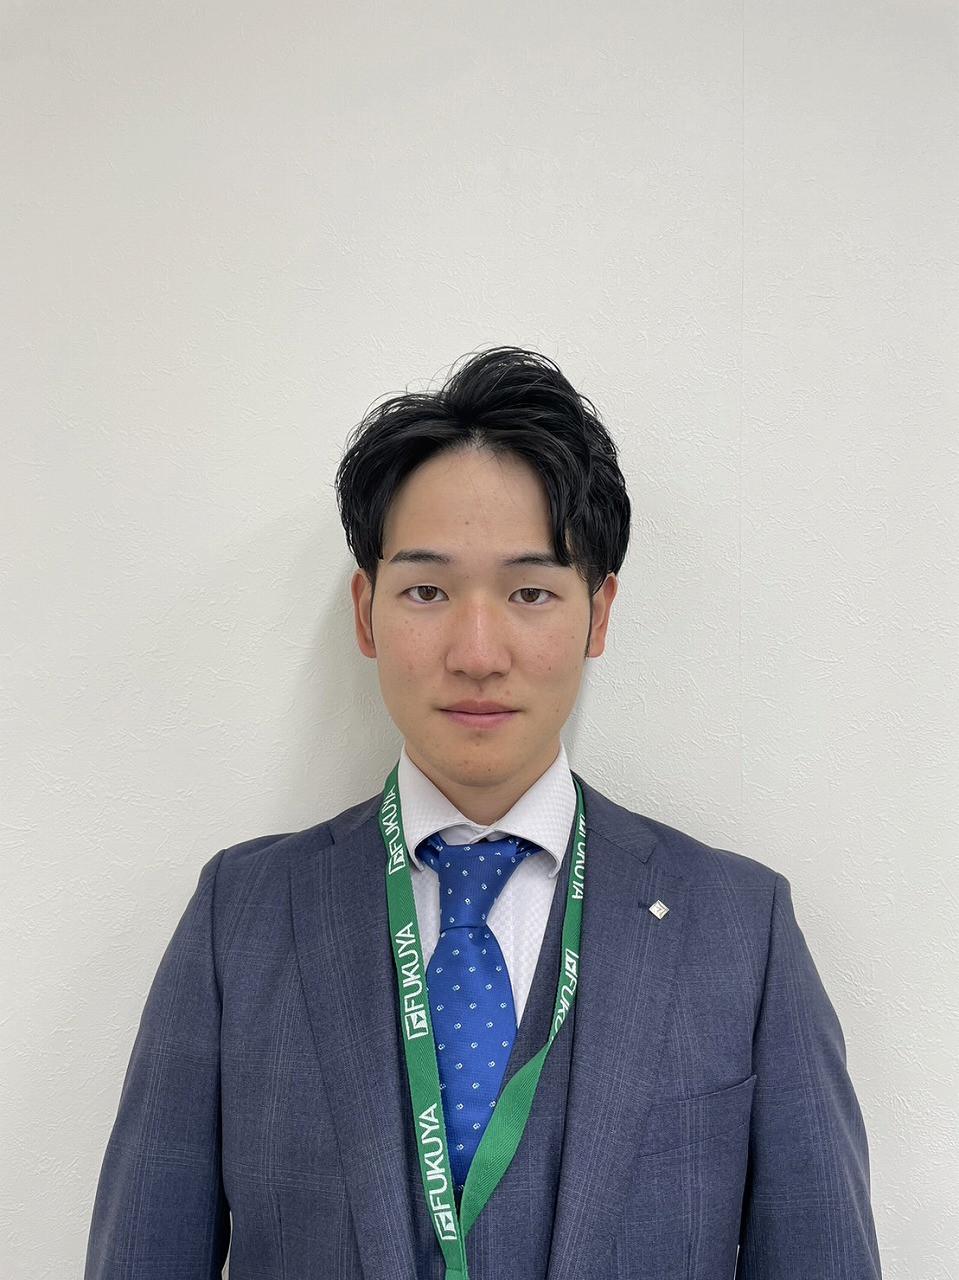 西 晃介 (にし こうすけ)